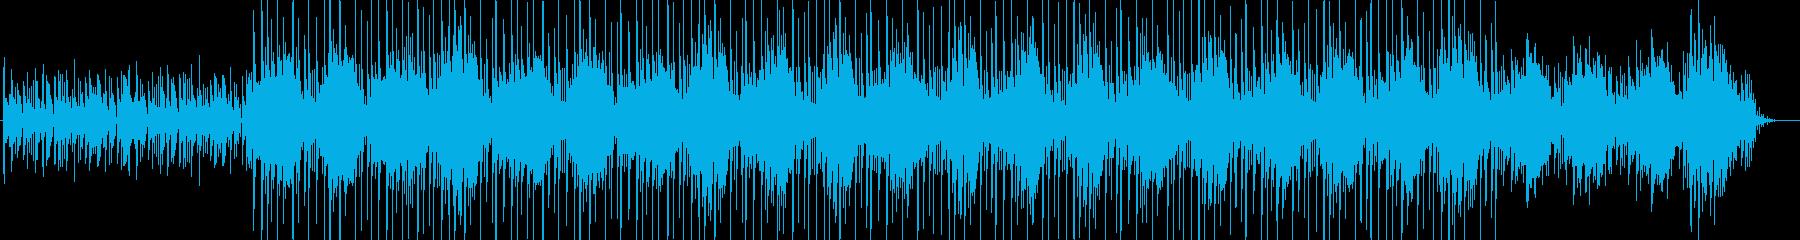 リラックス・映像・解説・ナレーション用の再生済みの波形